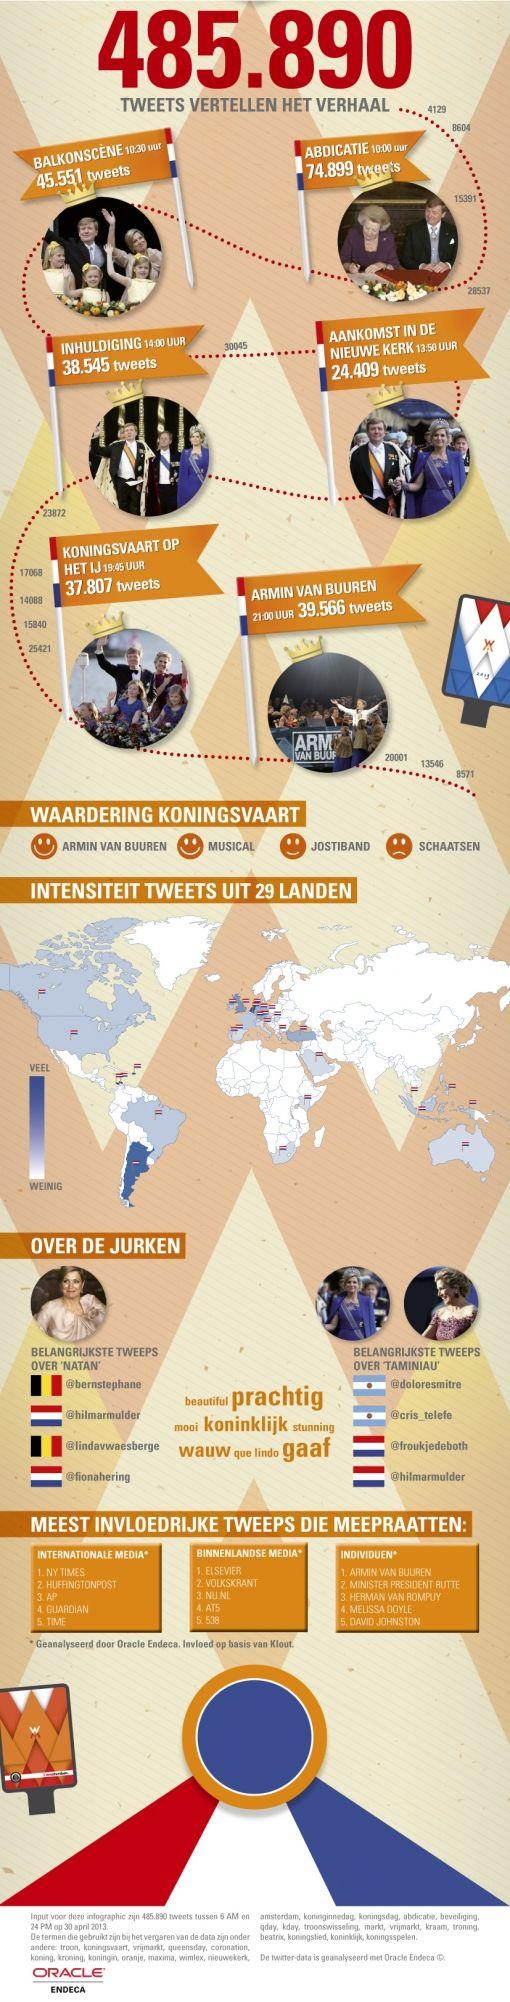 Onderzijde Infographic Endeca